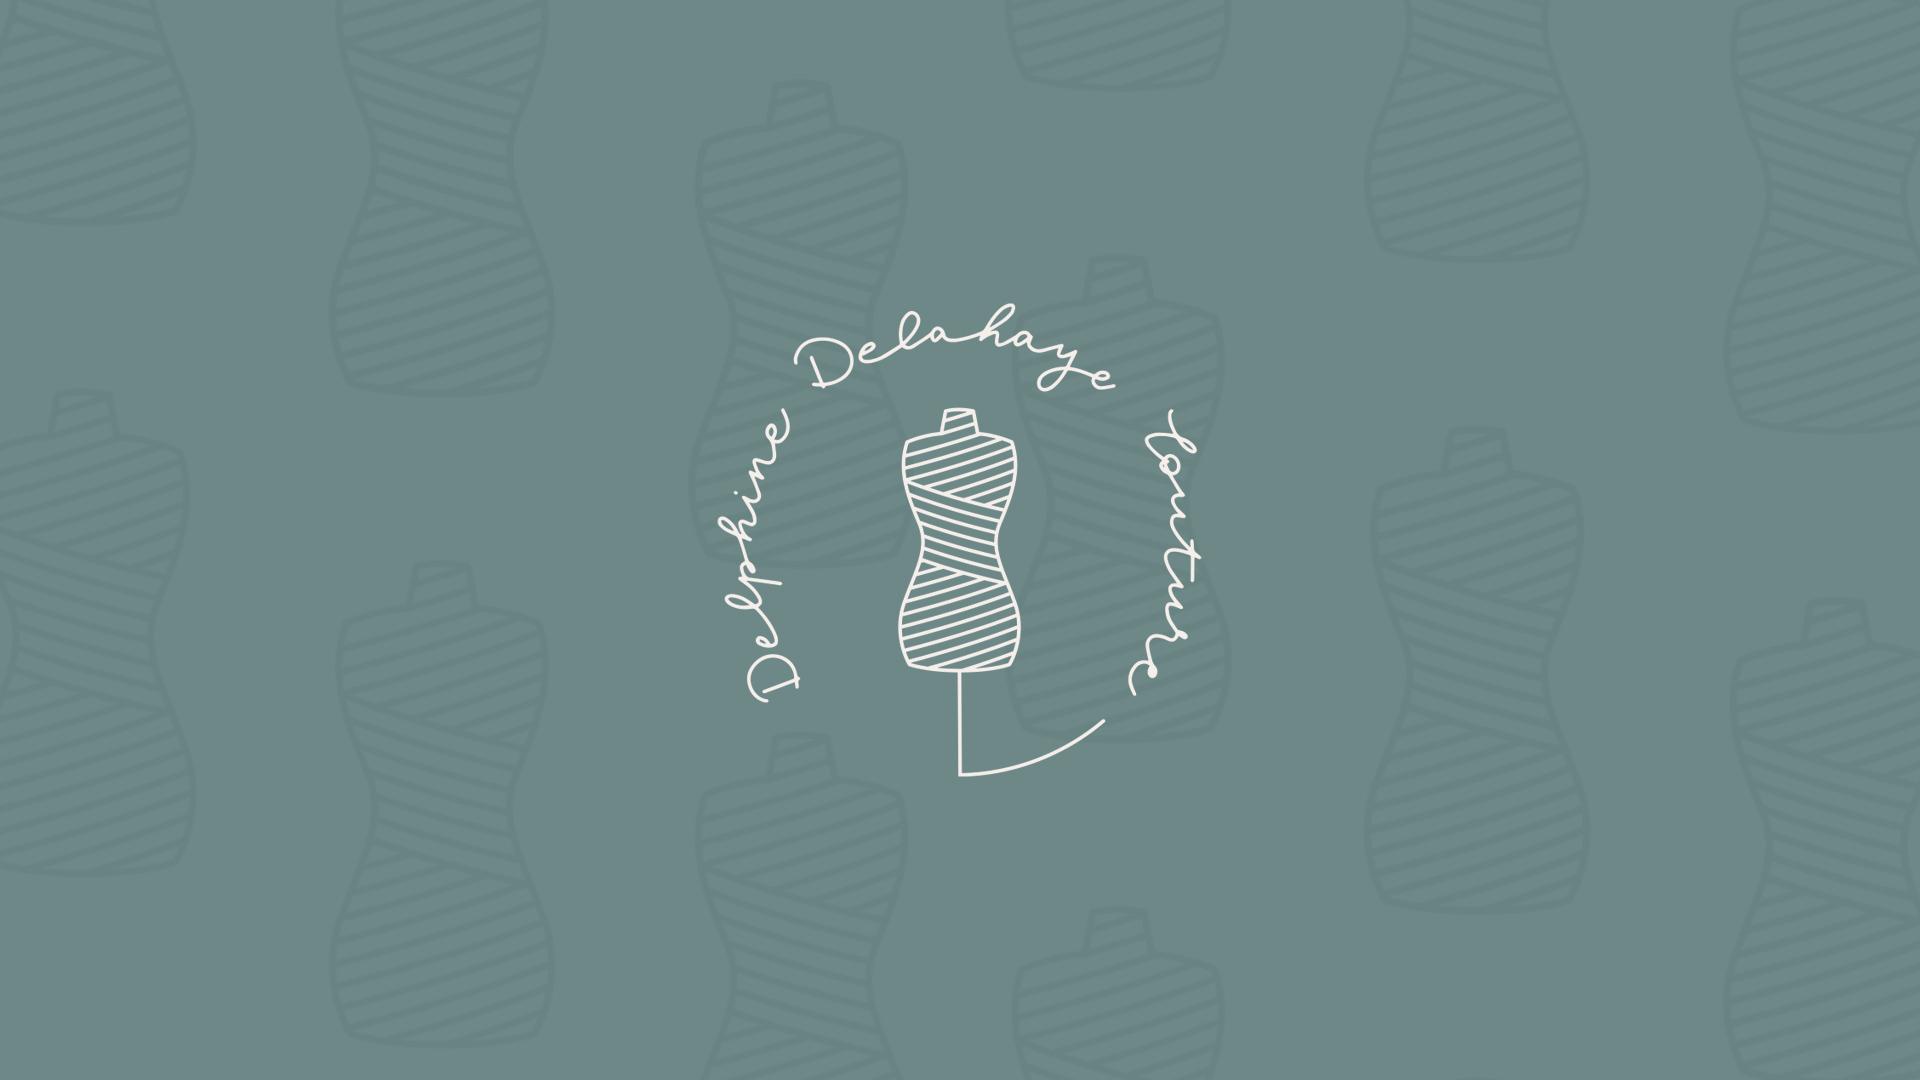 delphine delahaye couture logotype